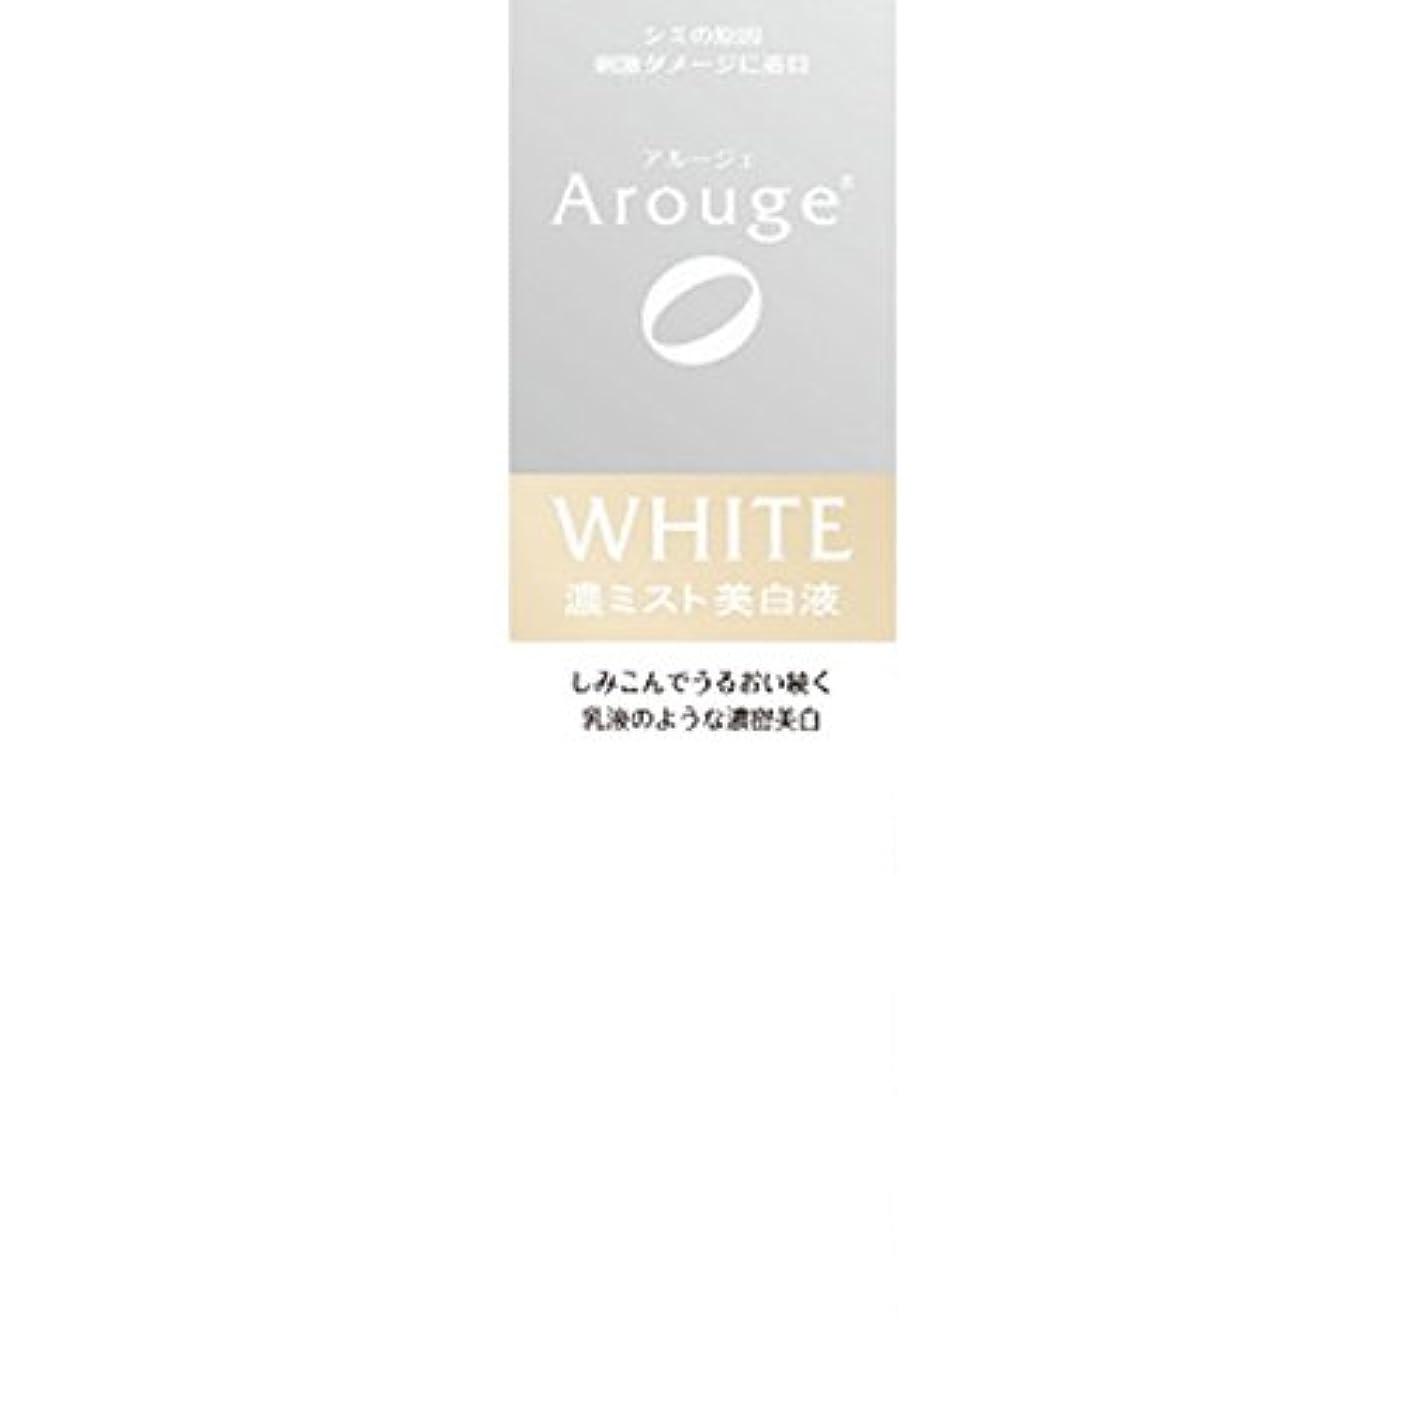 古い悲惨徹底【医薬部外品】アルージェホワイトニングミストセラム 100ML【2個セット】